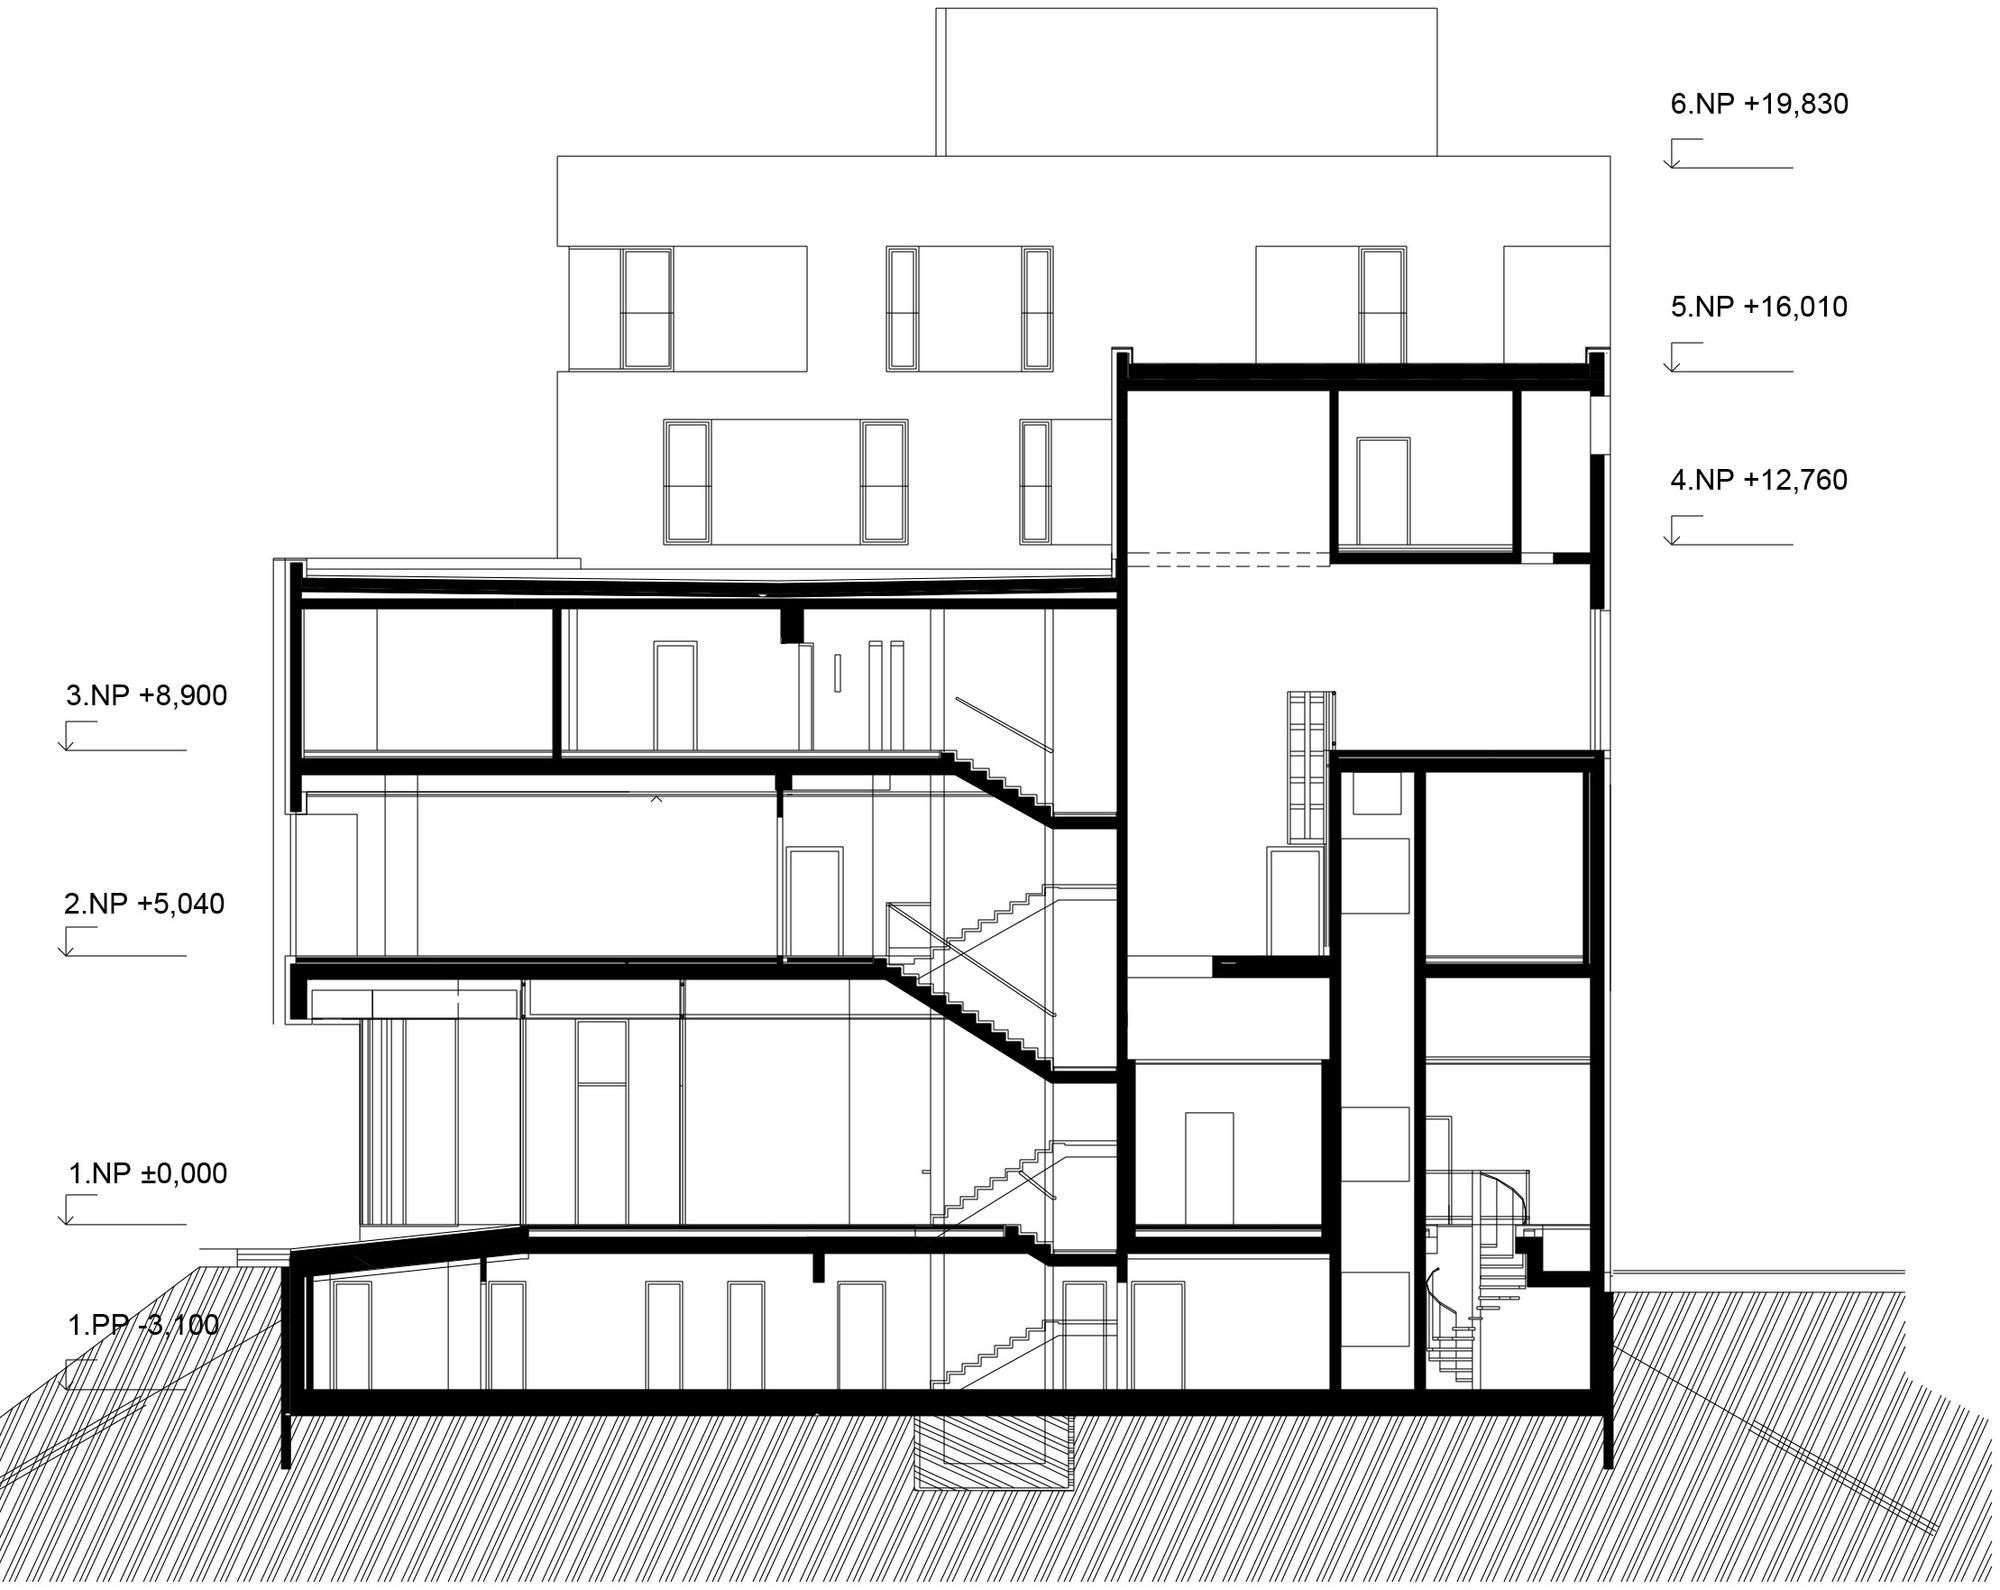 Photo icu floor plan images icu floor plan images 100 for 100 floor level 61